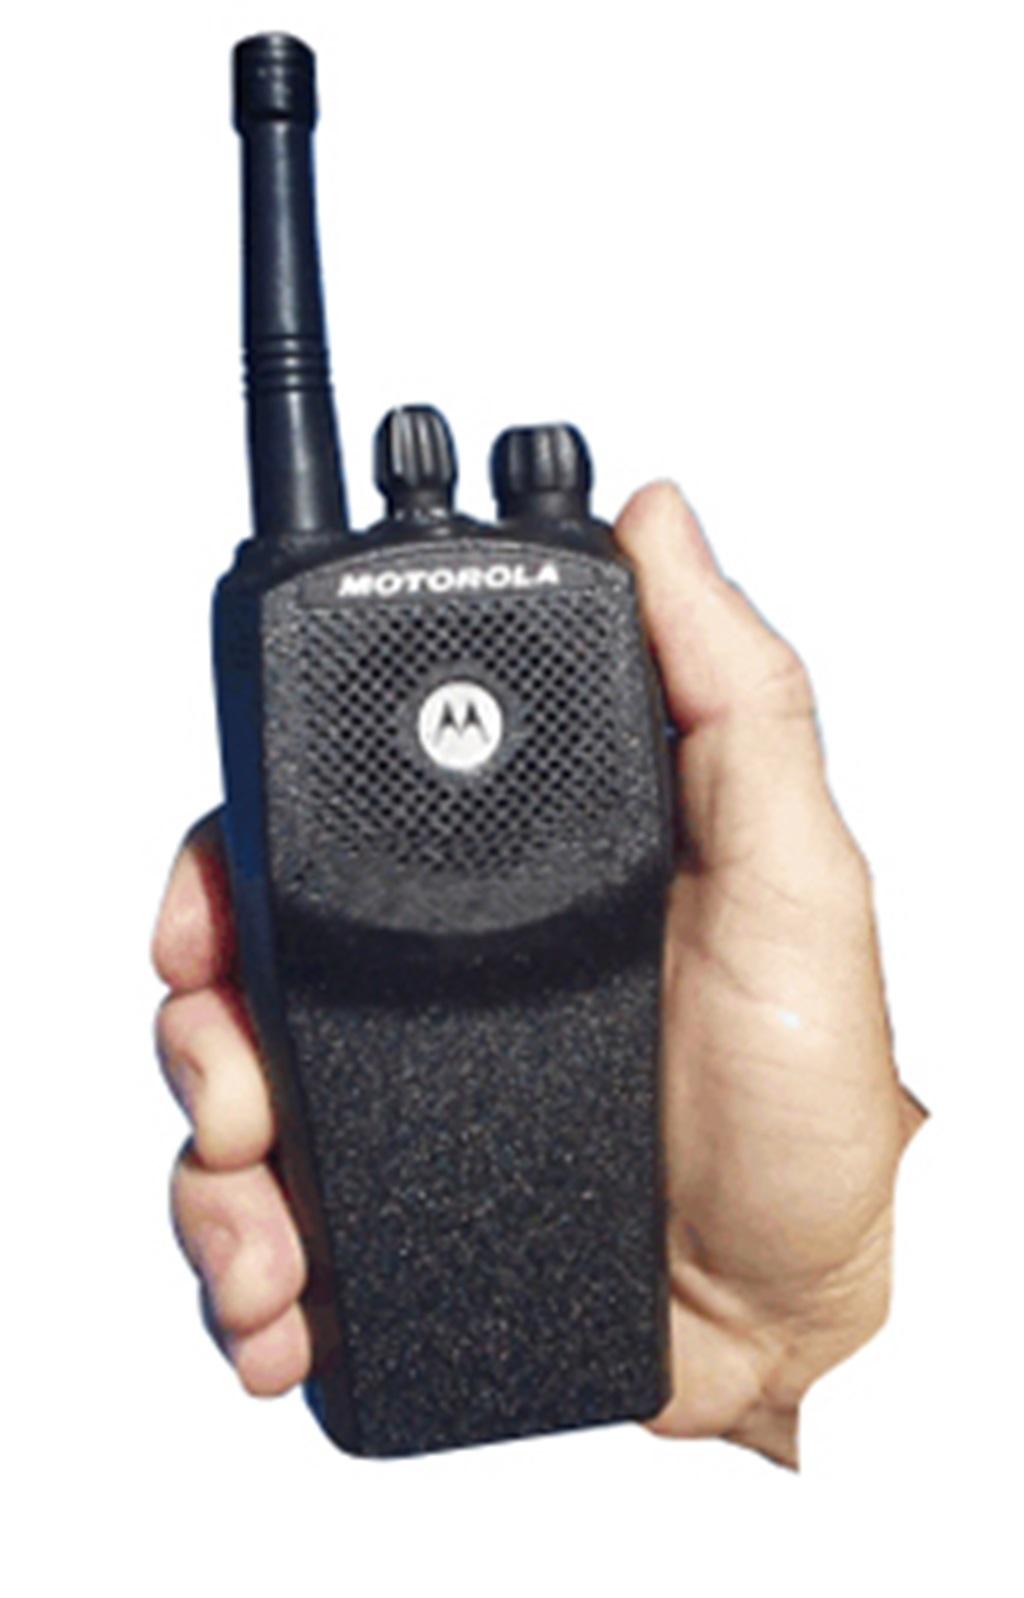 Botão de ajuste de canal para Motorola EP450